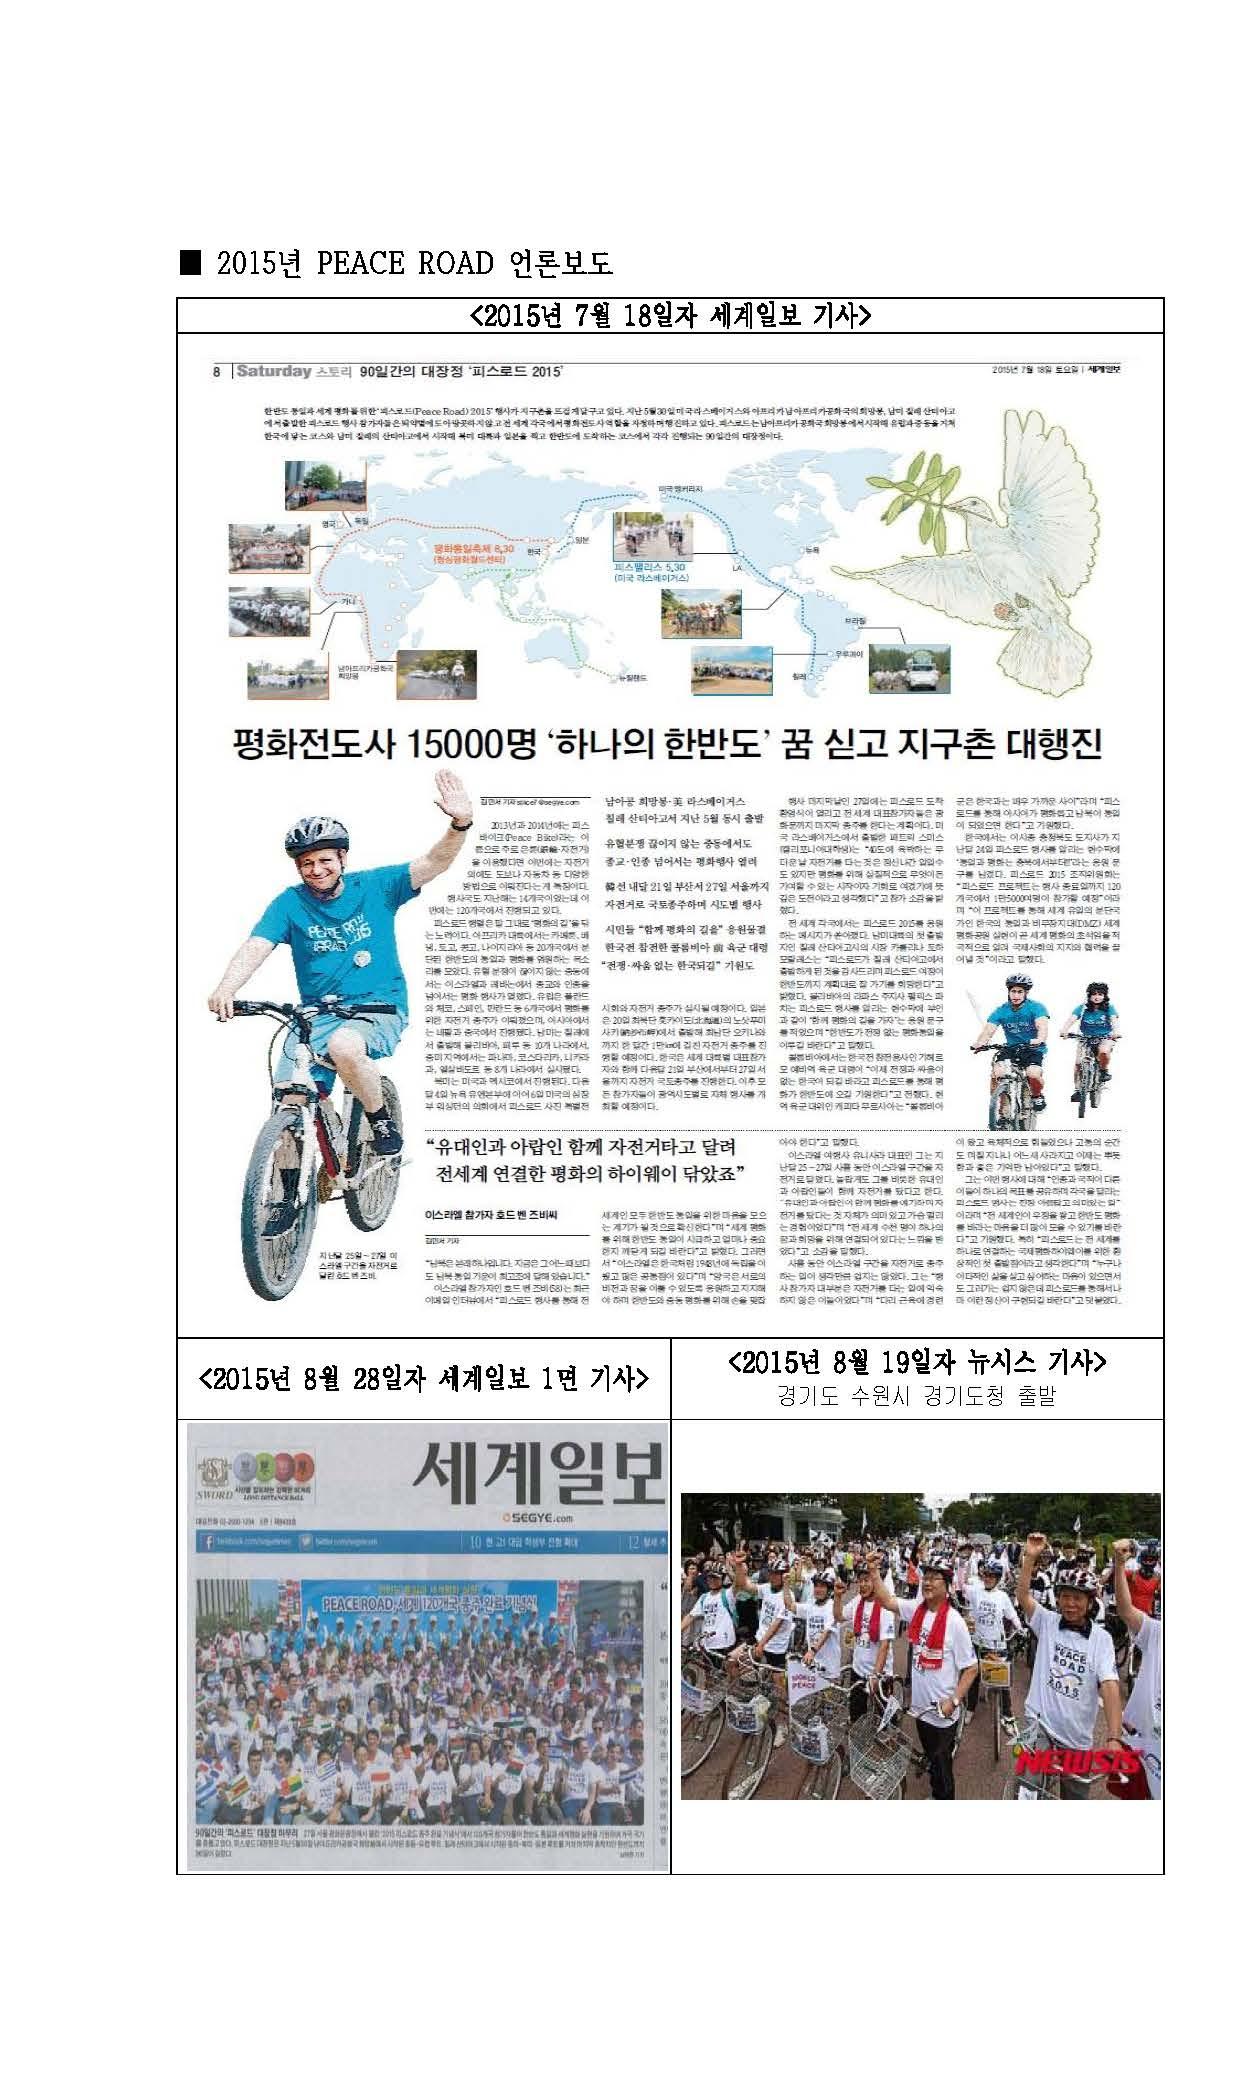 첨부2. 지난 피스로드 한국 대장정 사진 및 언론 보도(new)_페이지_5.jpg